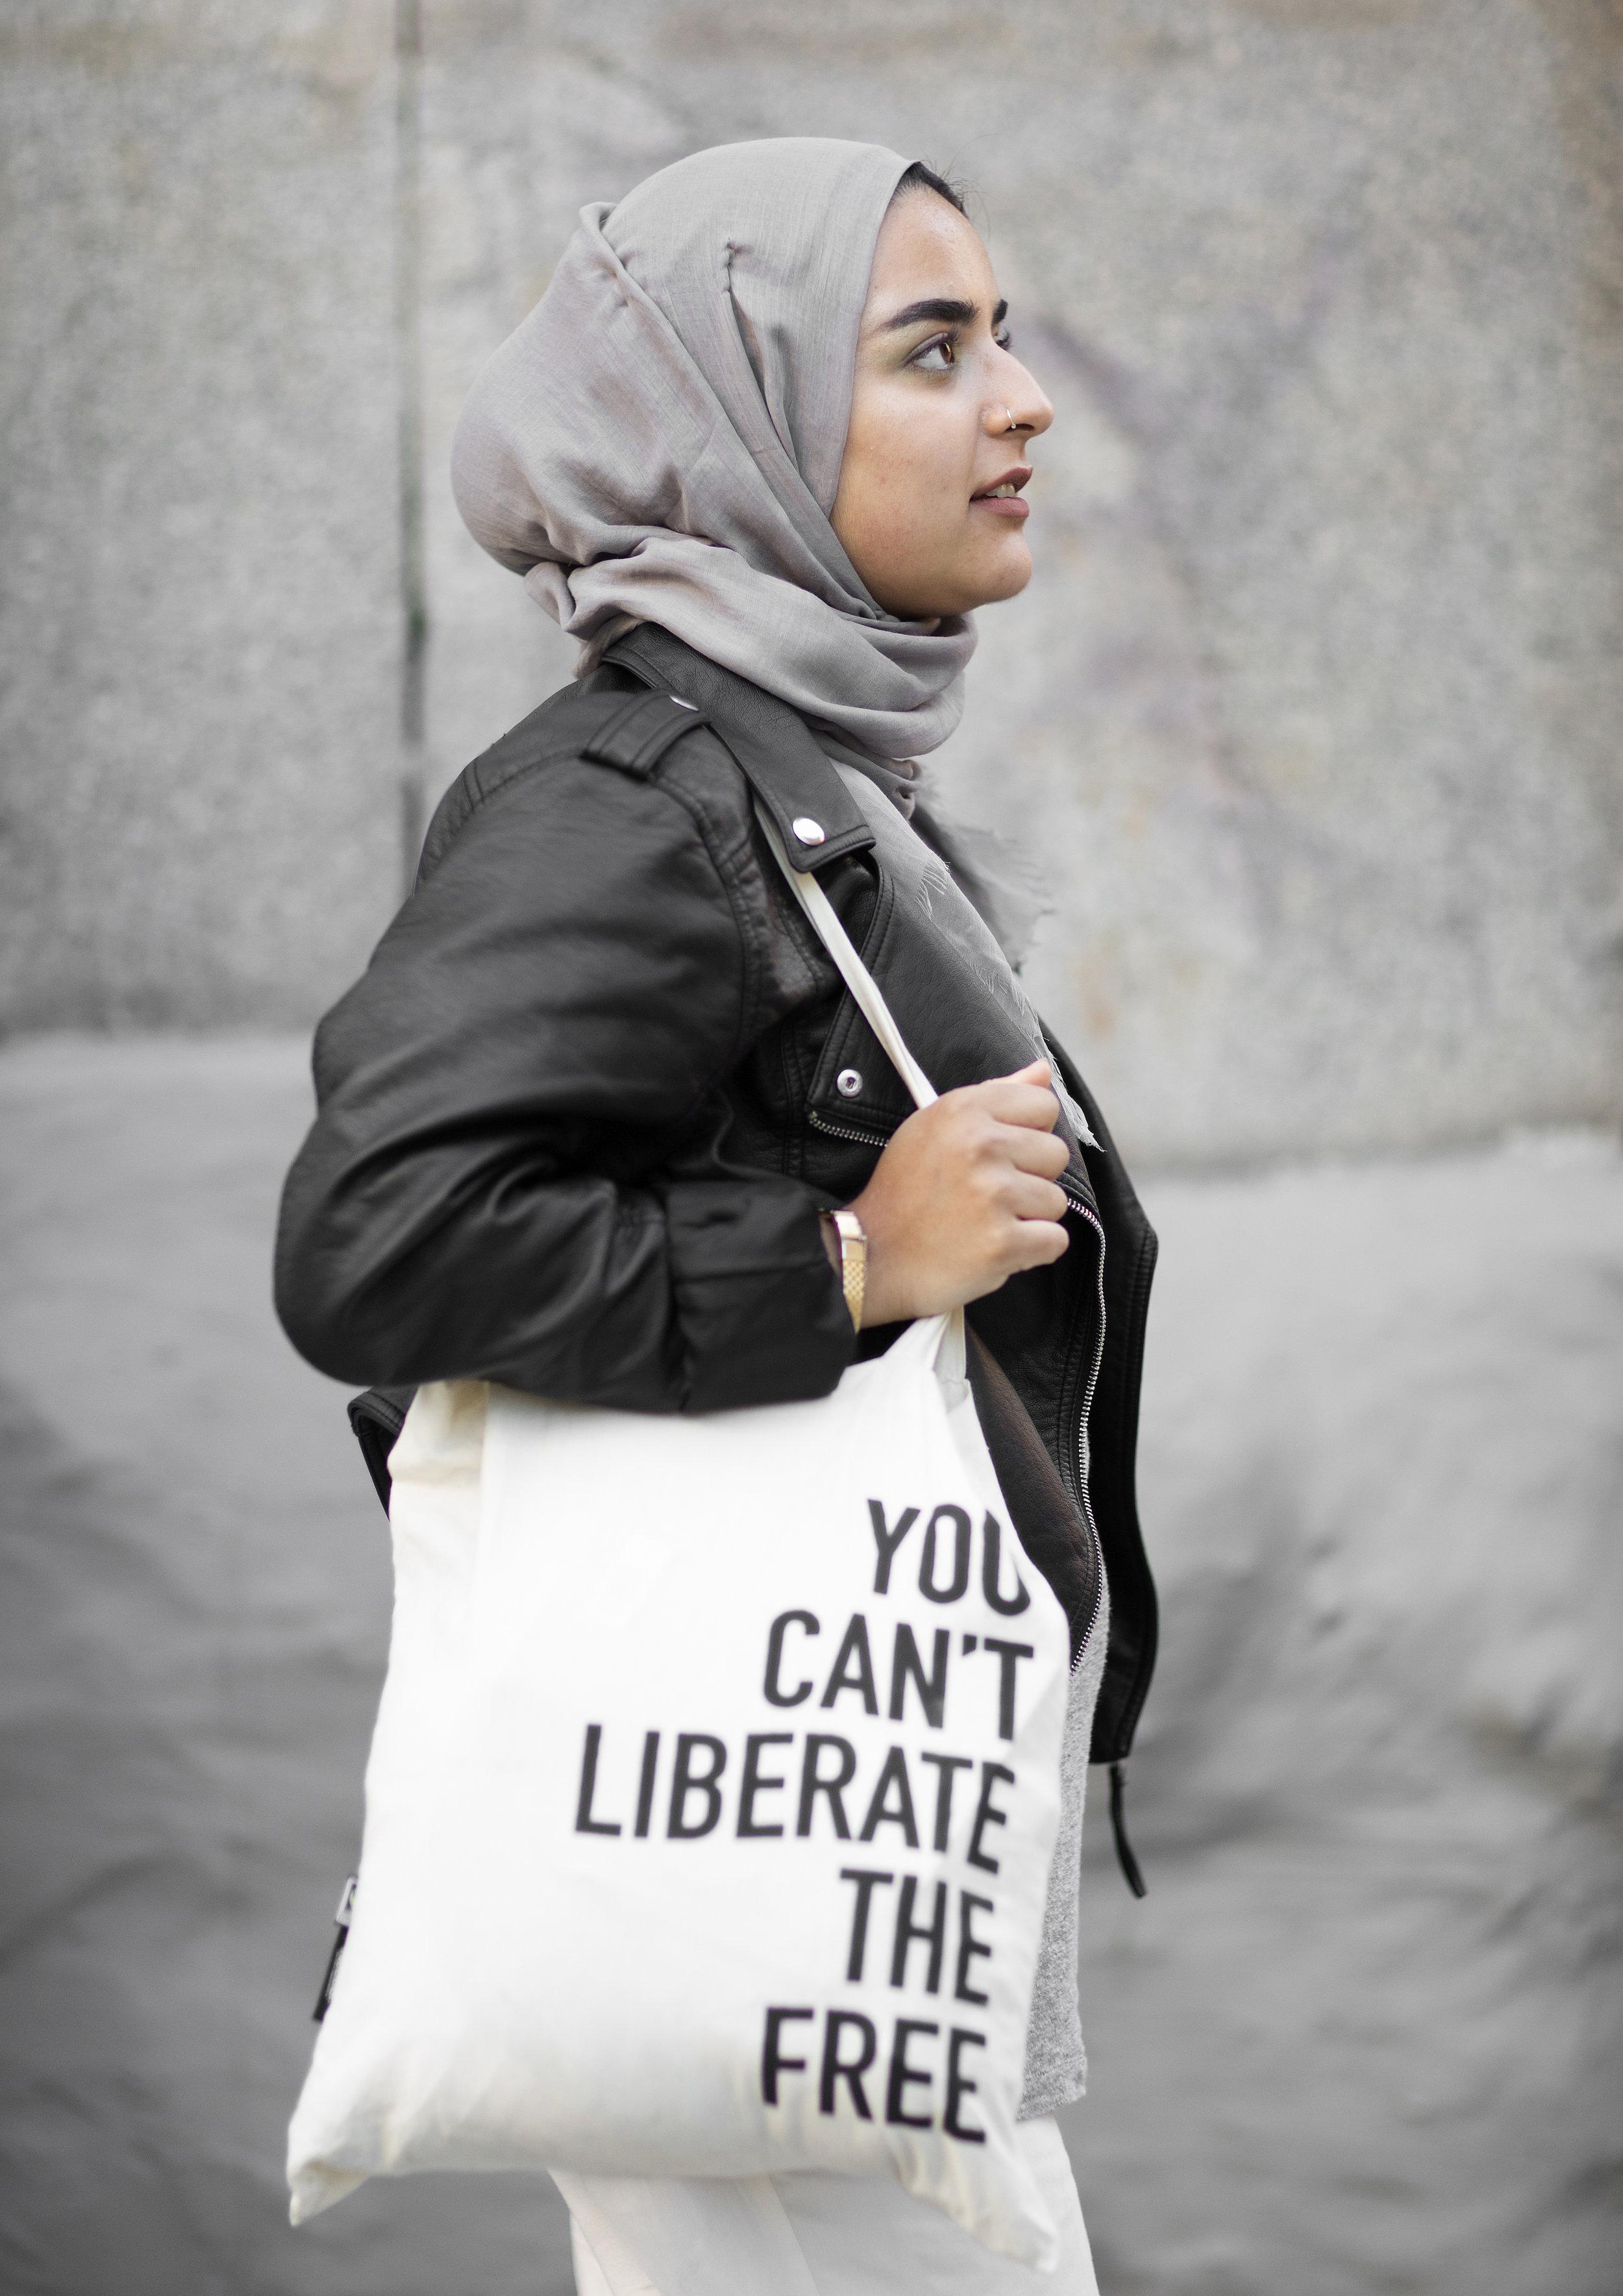 hijabistas_160517__MG_9951_EBE.jpg